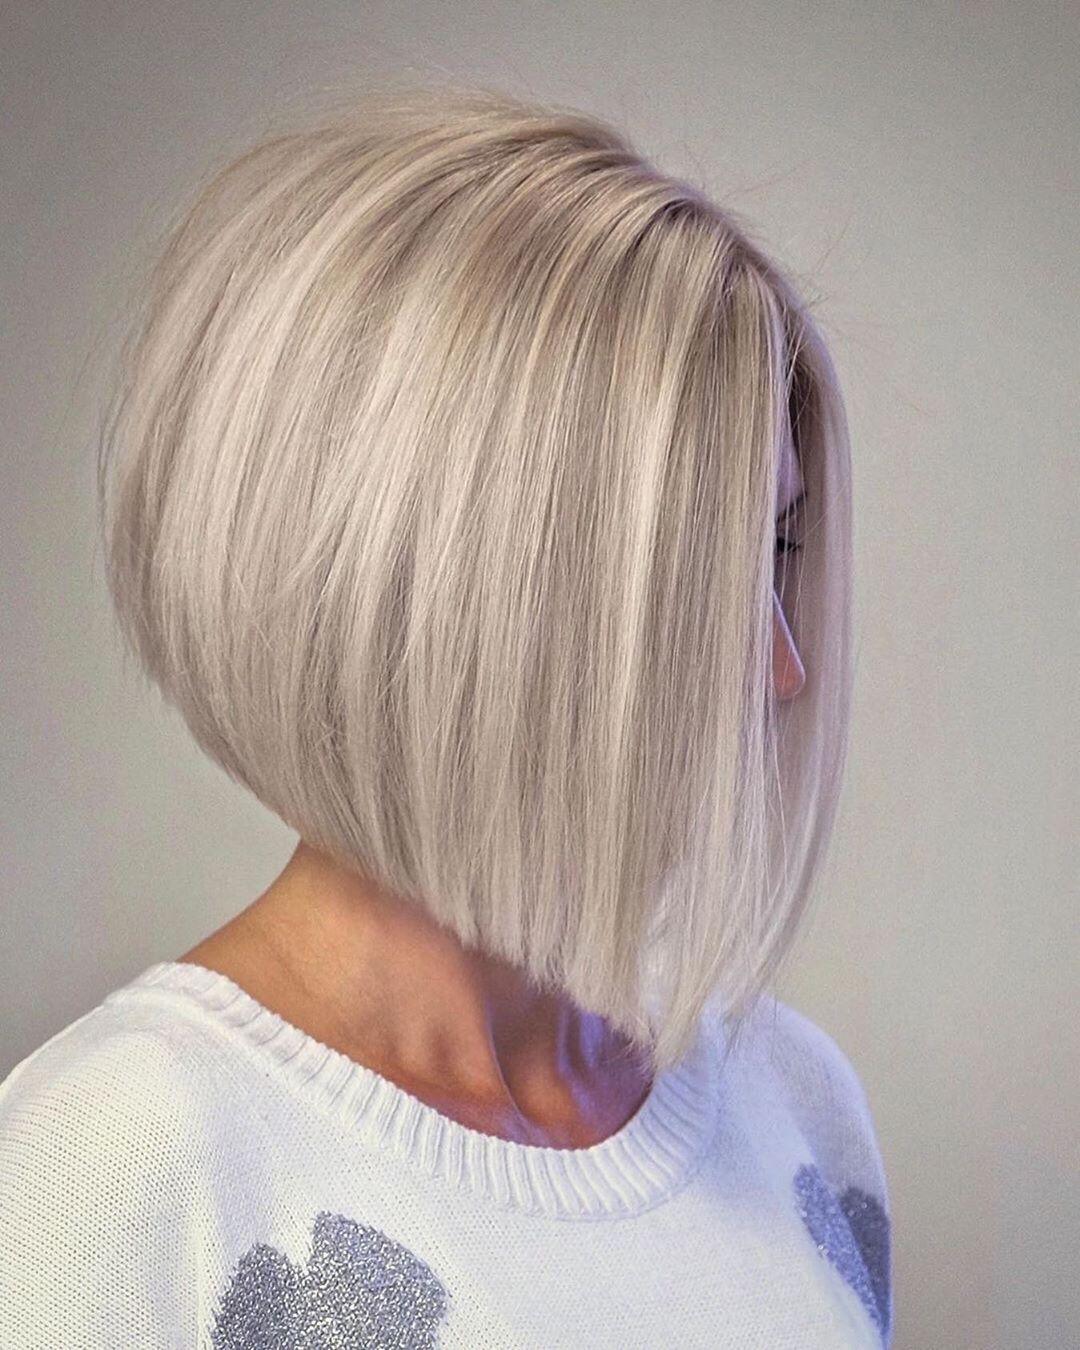 10 Balayage And Ombre Hairstyles For Shoulder Length Hair 2020 2021 Short Bob Haircuts Bobs Haircuts Angled Bob Haircuts